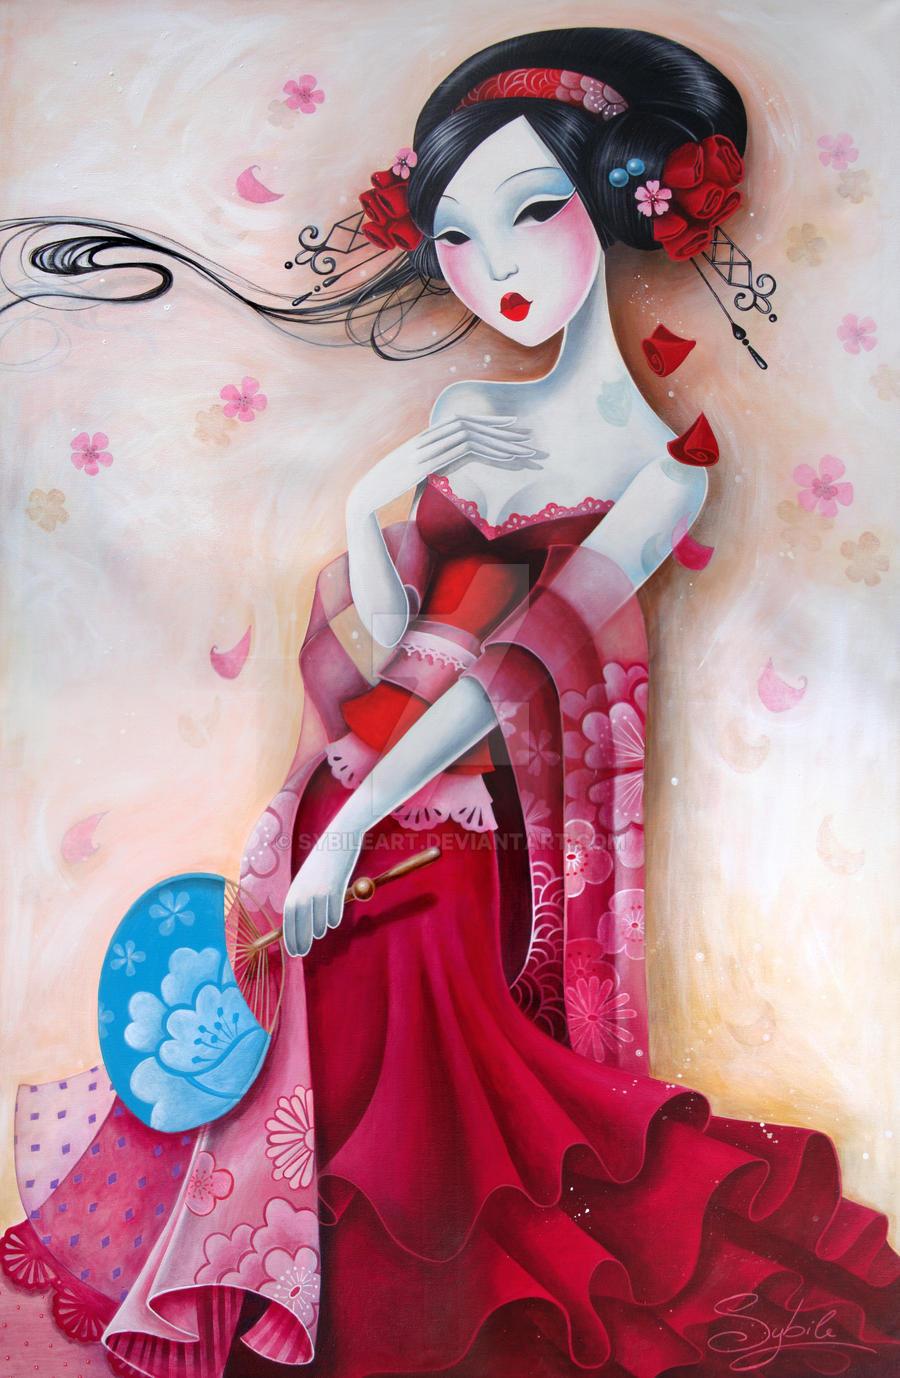 Uchiwa by LadySybile